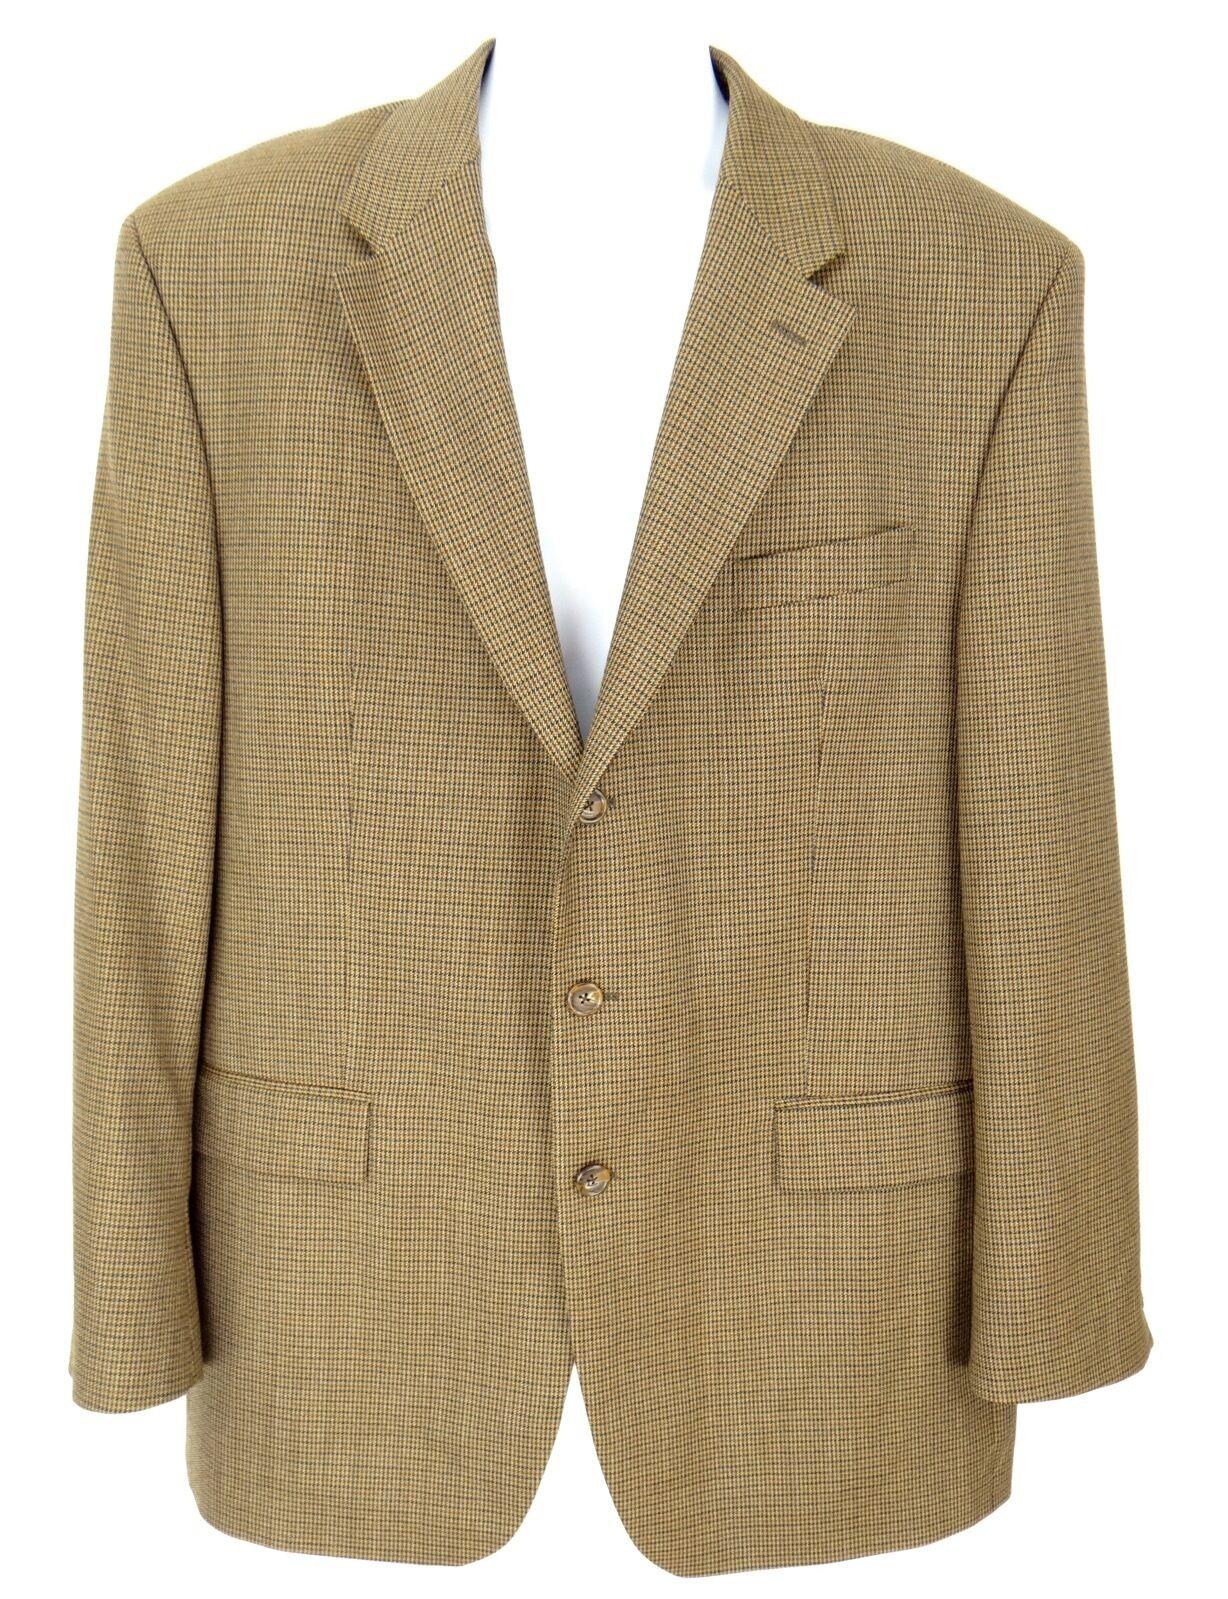 RALPH LAUREN Blazer Sport Coat Men's SIZE 46L Wool Herringbone Brown3-Button